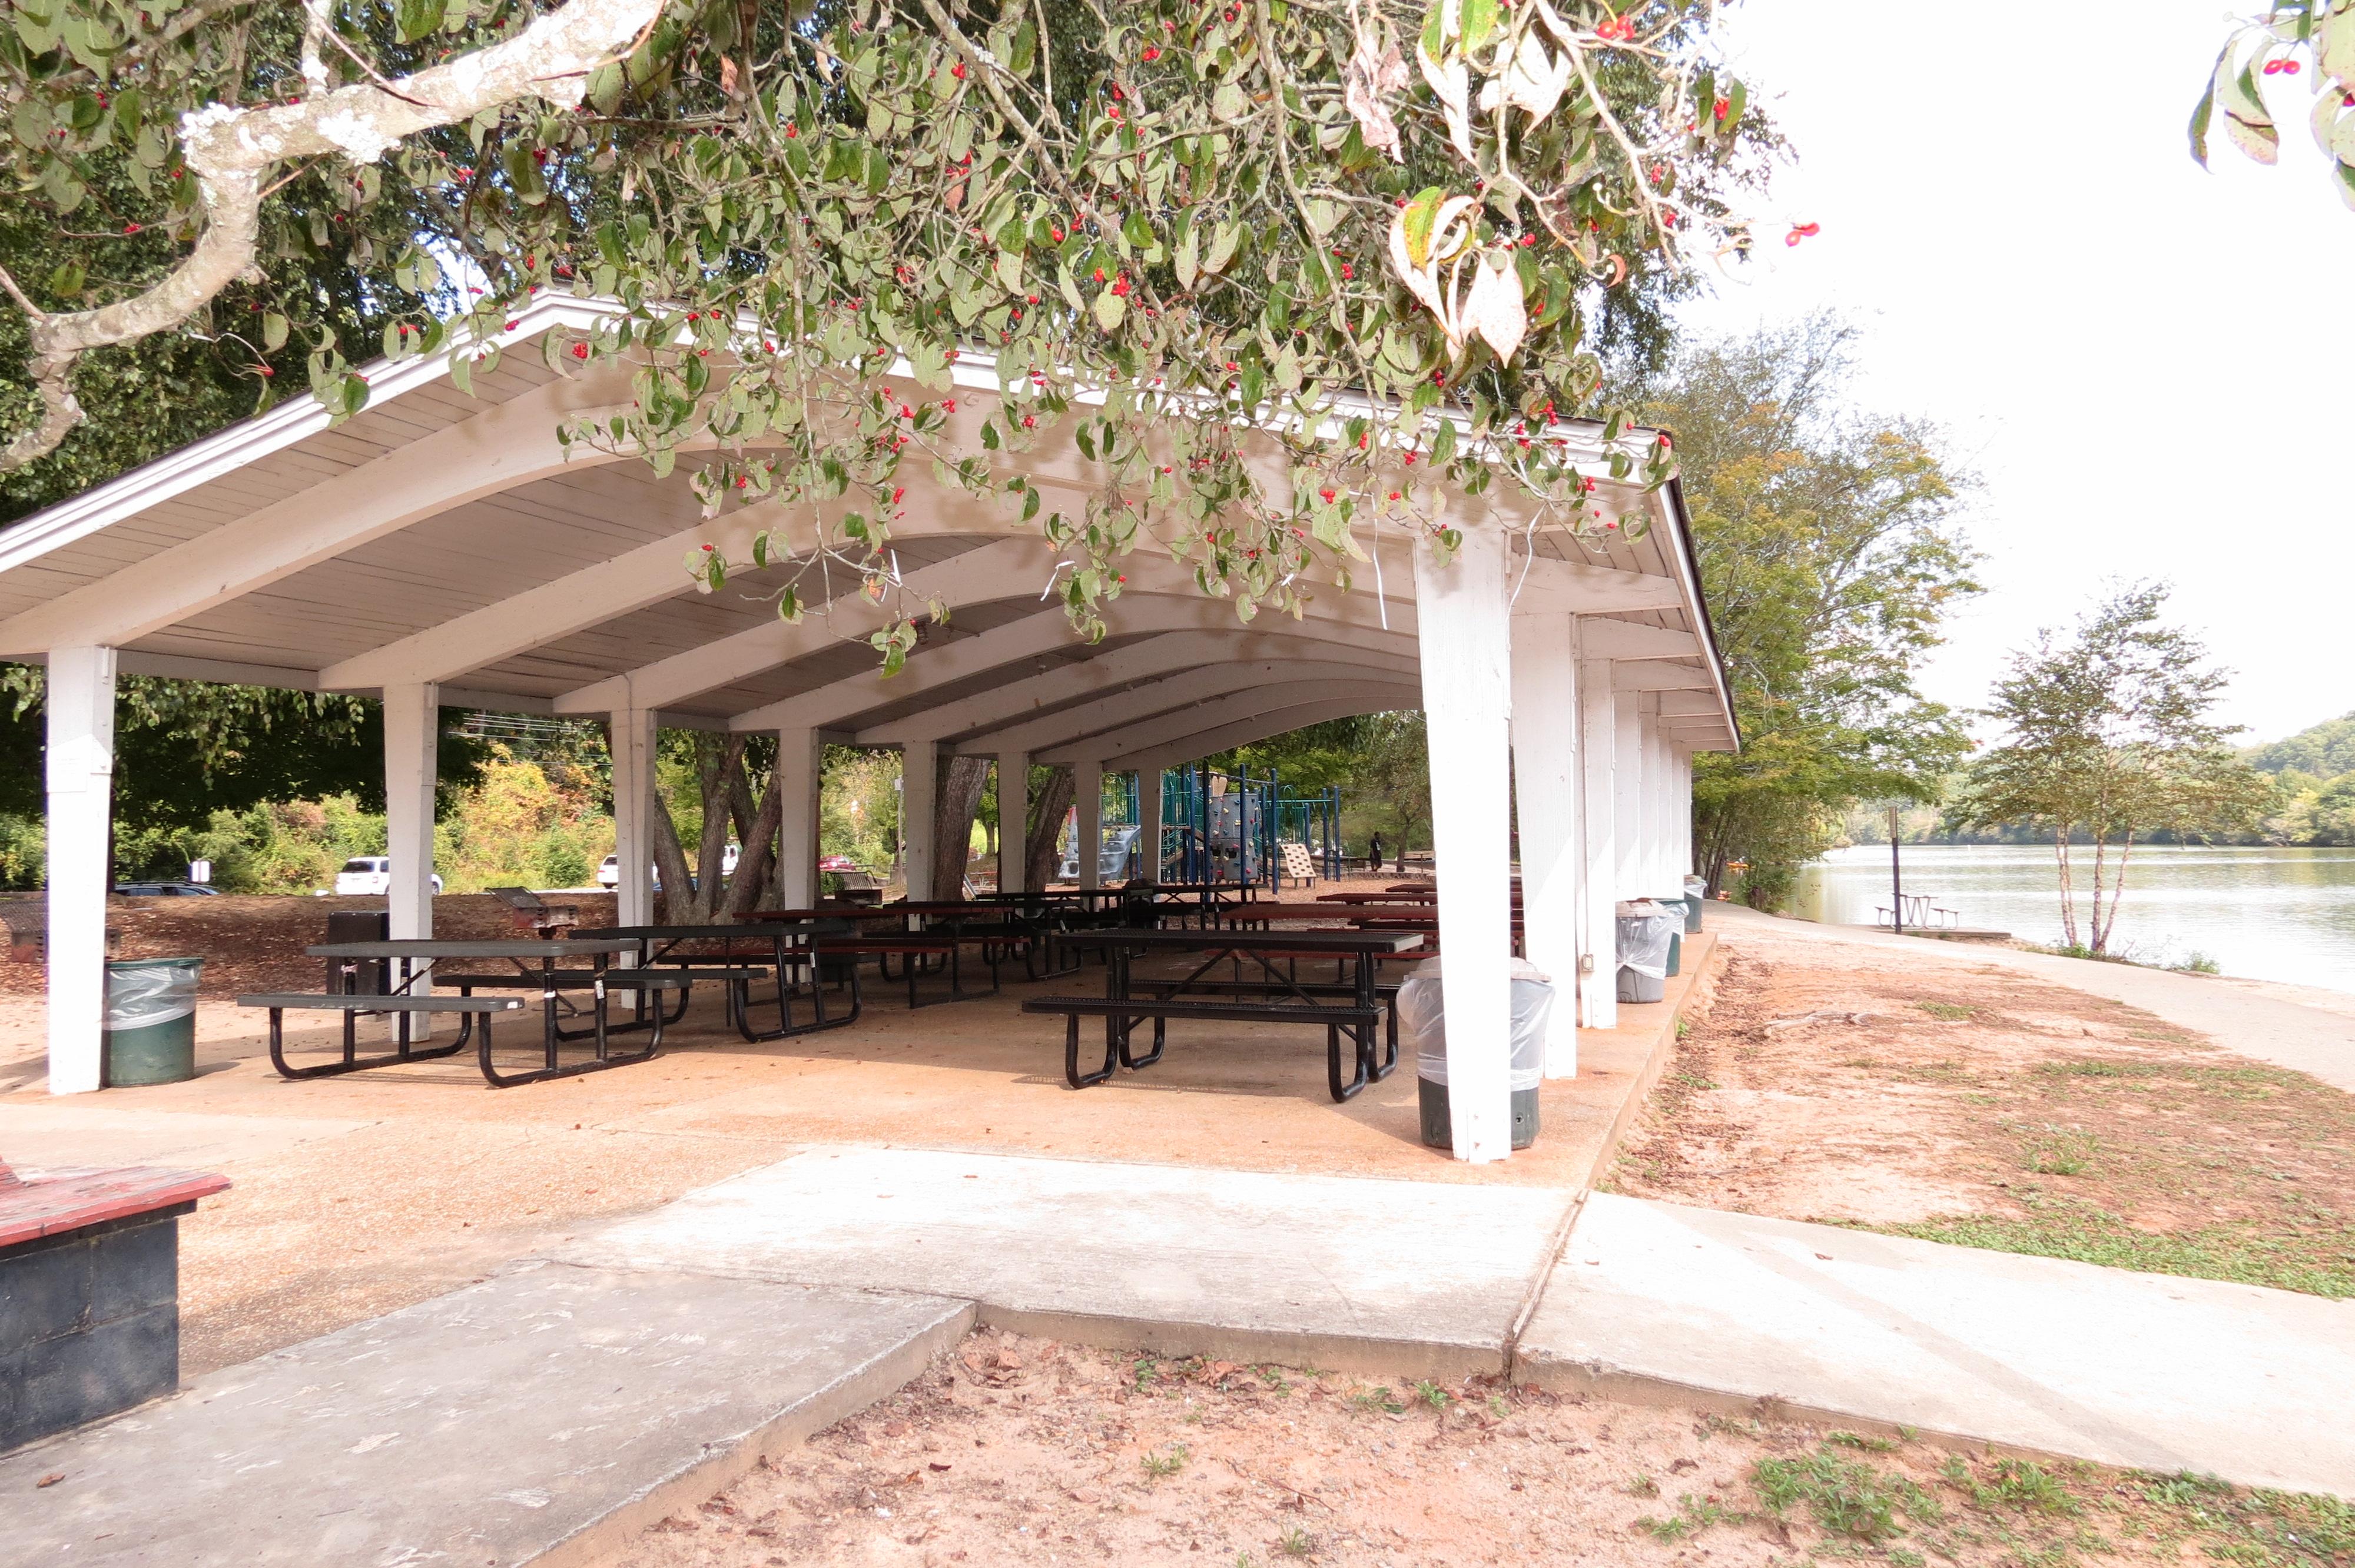 Azalea Park Shelter #2